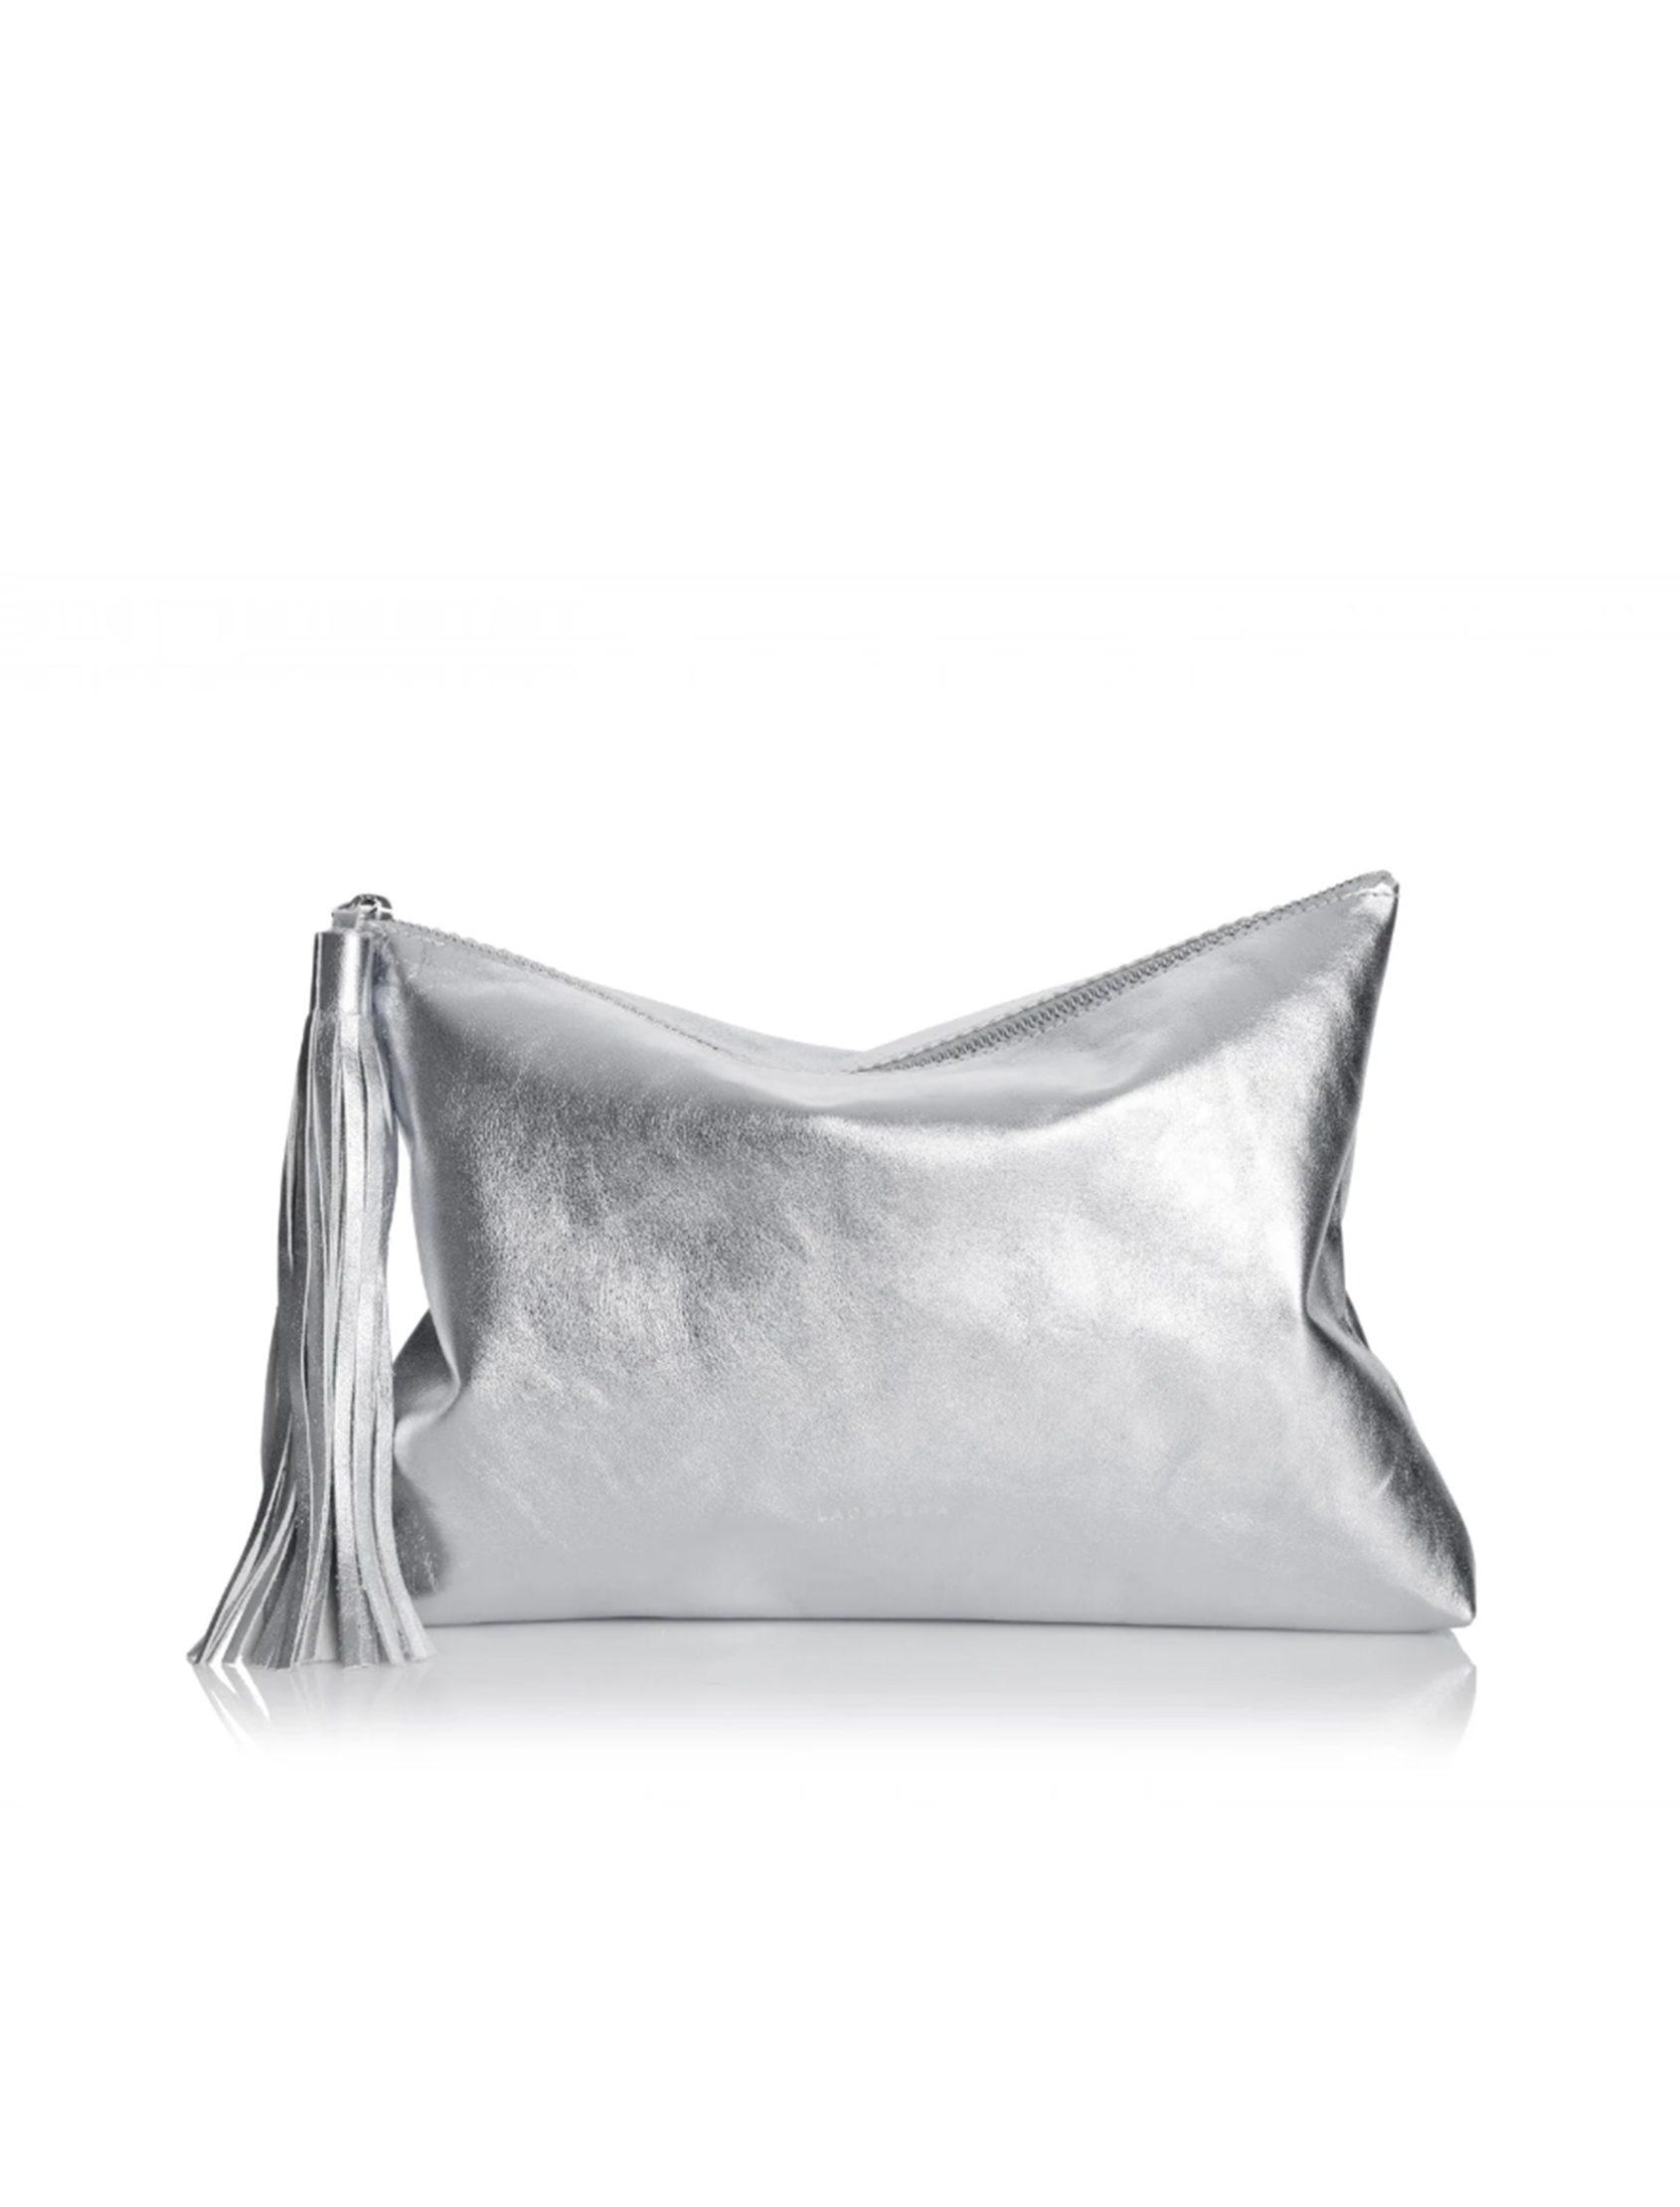 cltuch plata con borla de lacambra en piel de vacuno.